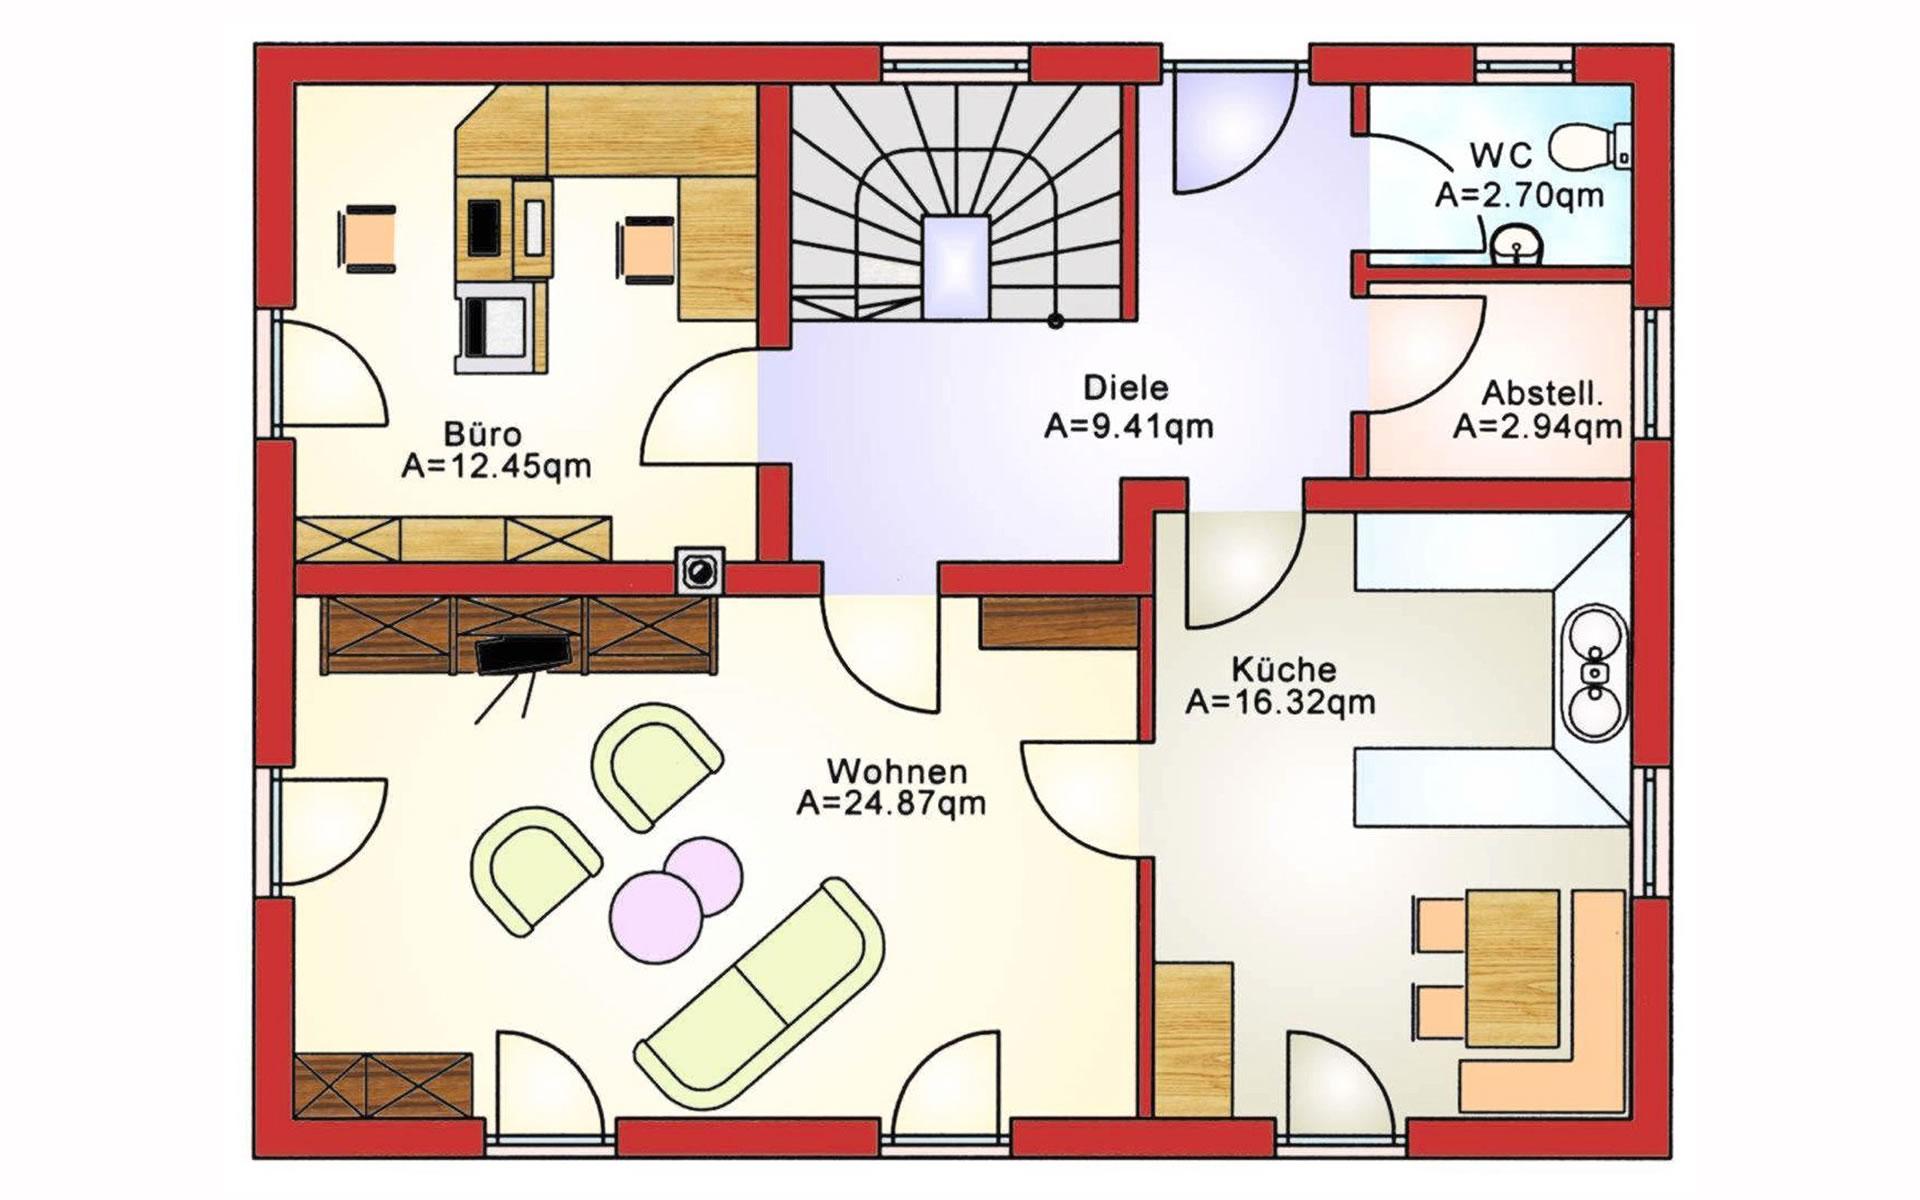 Erdgeschoss Einfamilienhaus BS 138 von B&S Selbstbausysteme GmbH & Co. KG